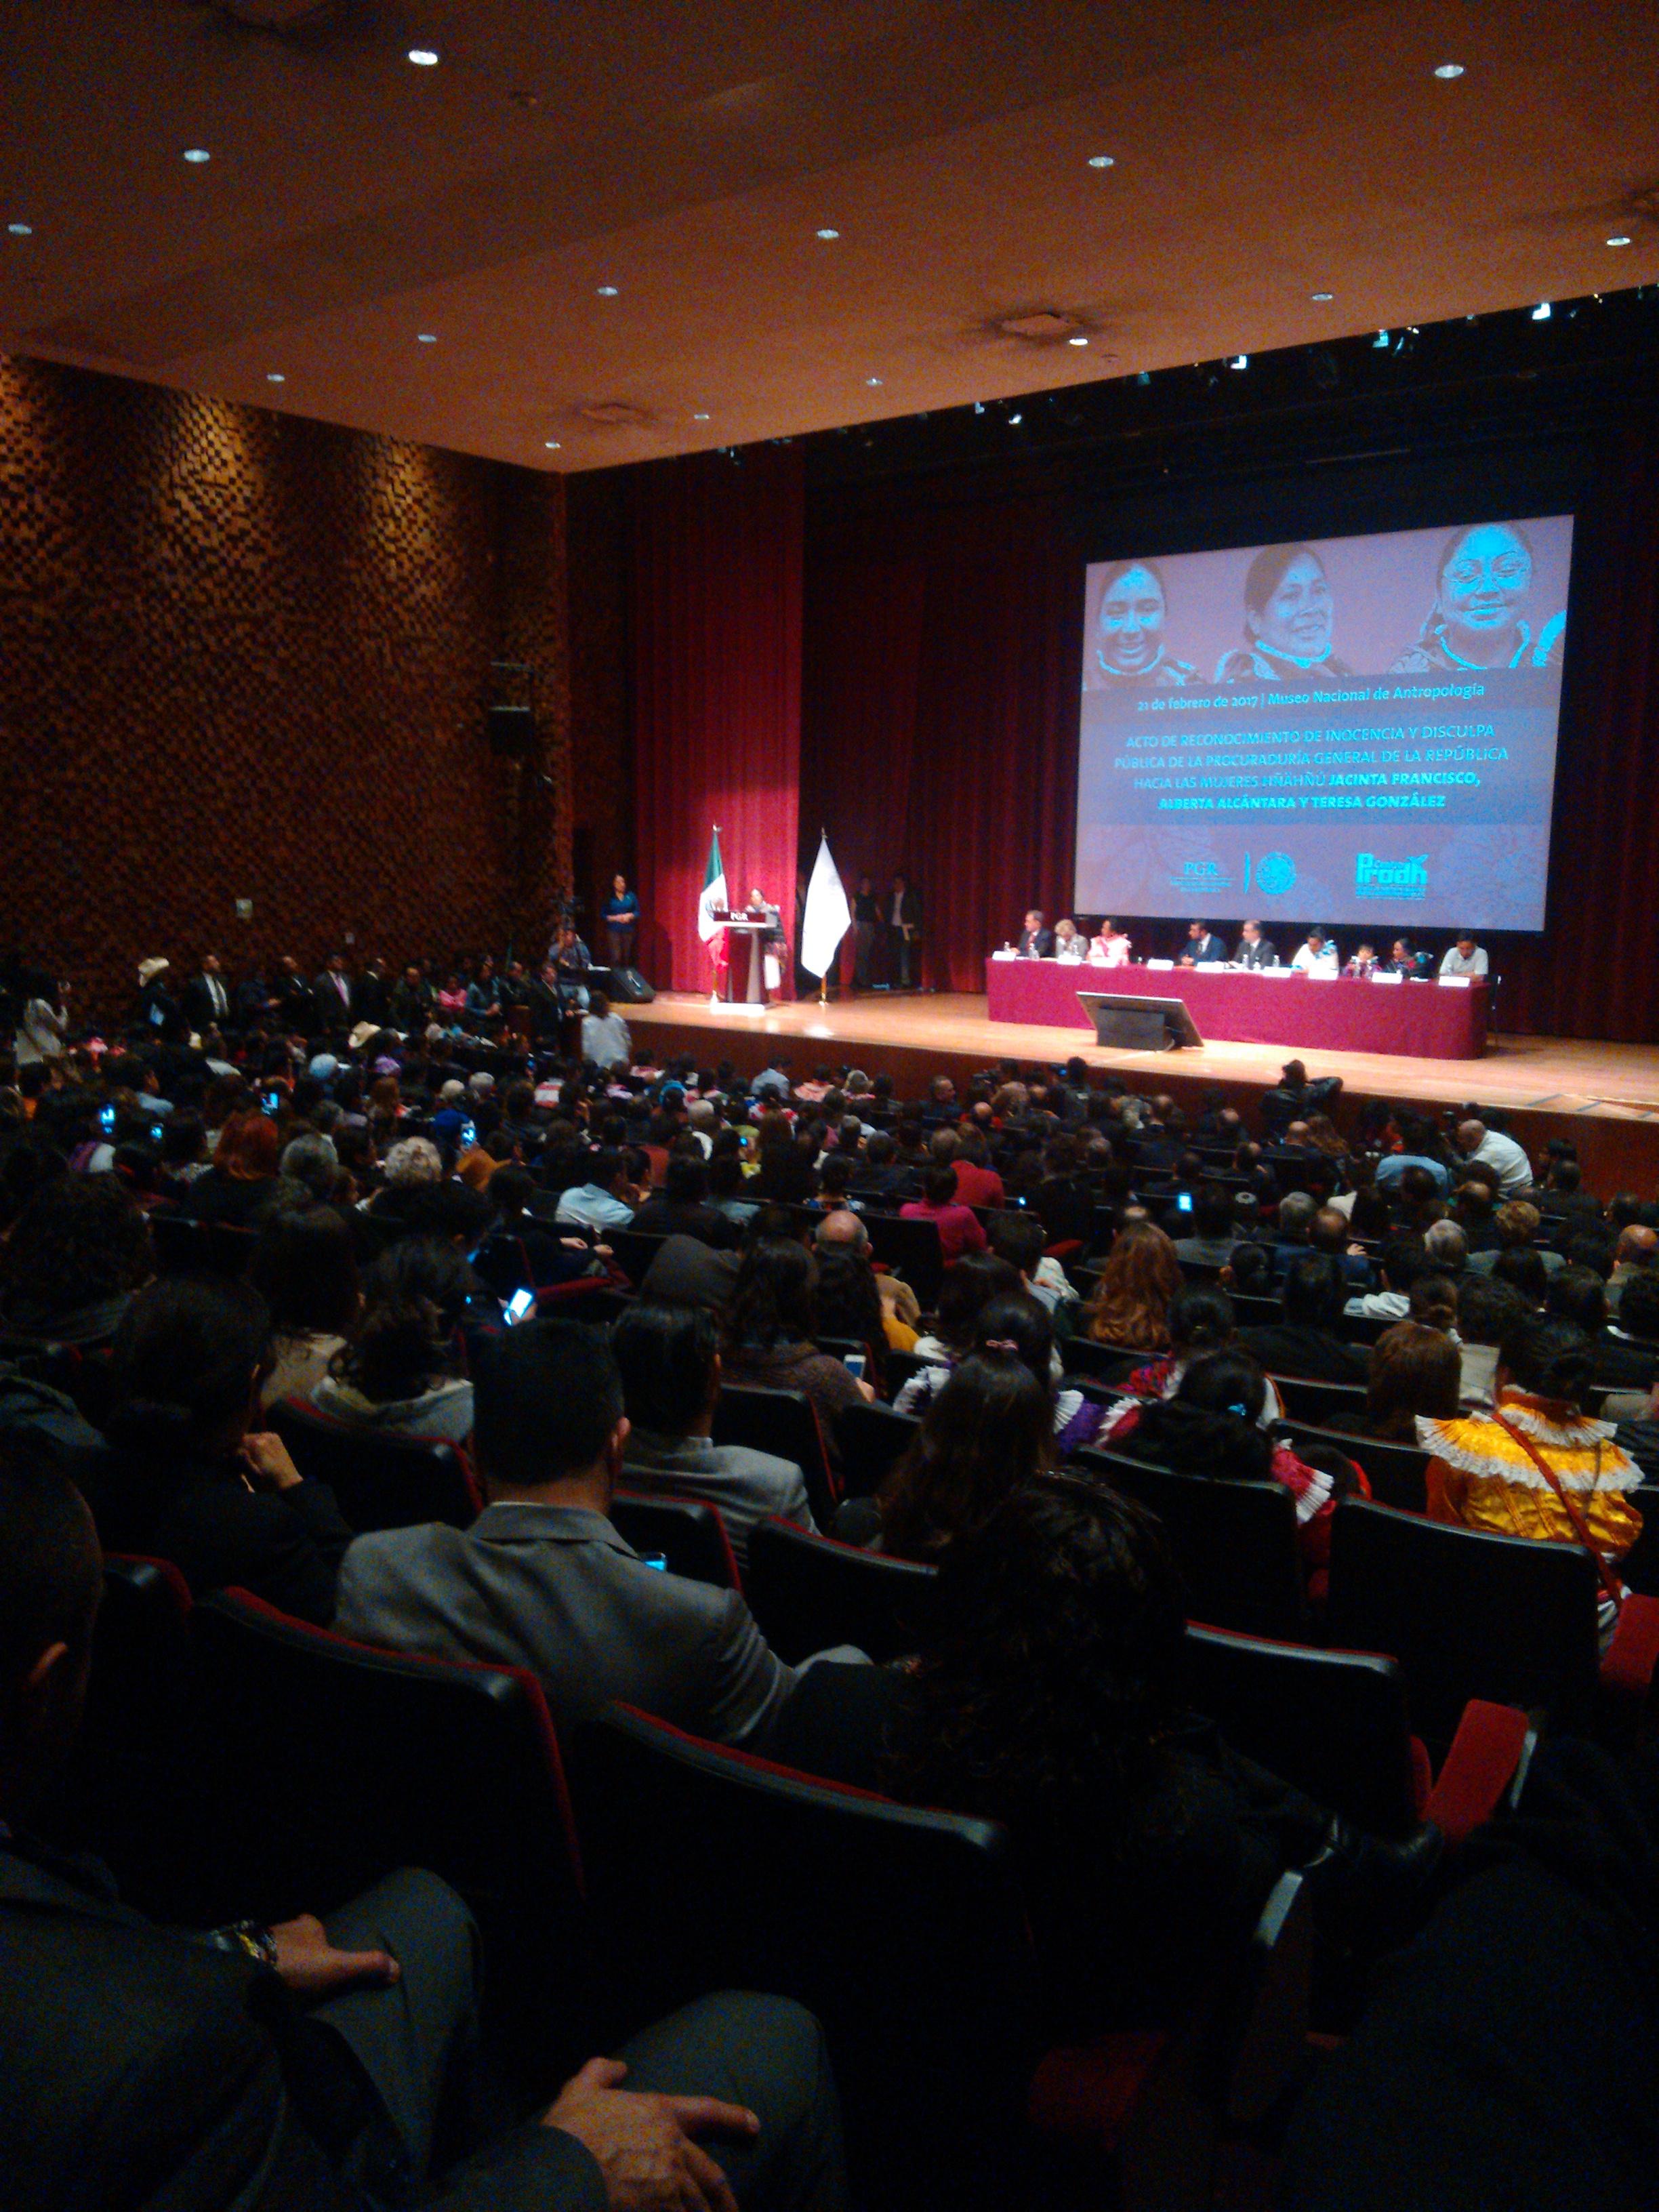 Las indígenas pobres de Querétaro que le ganaron una al Estado